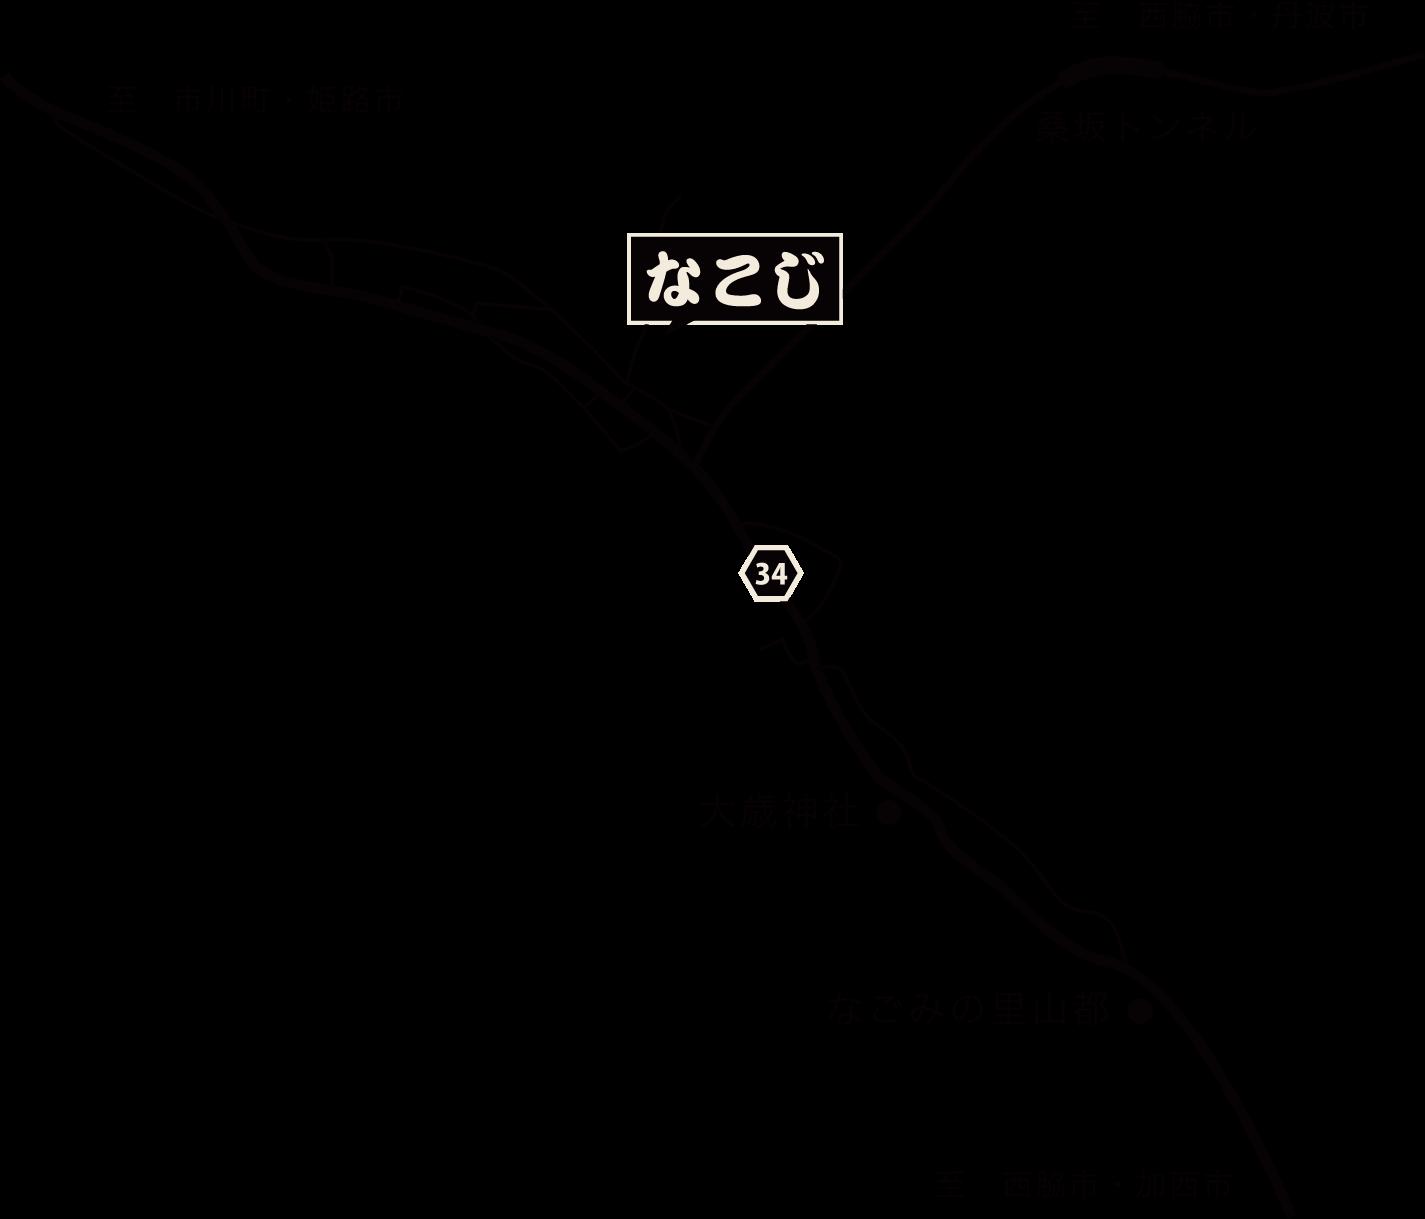 なこじへの地図